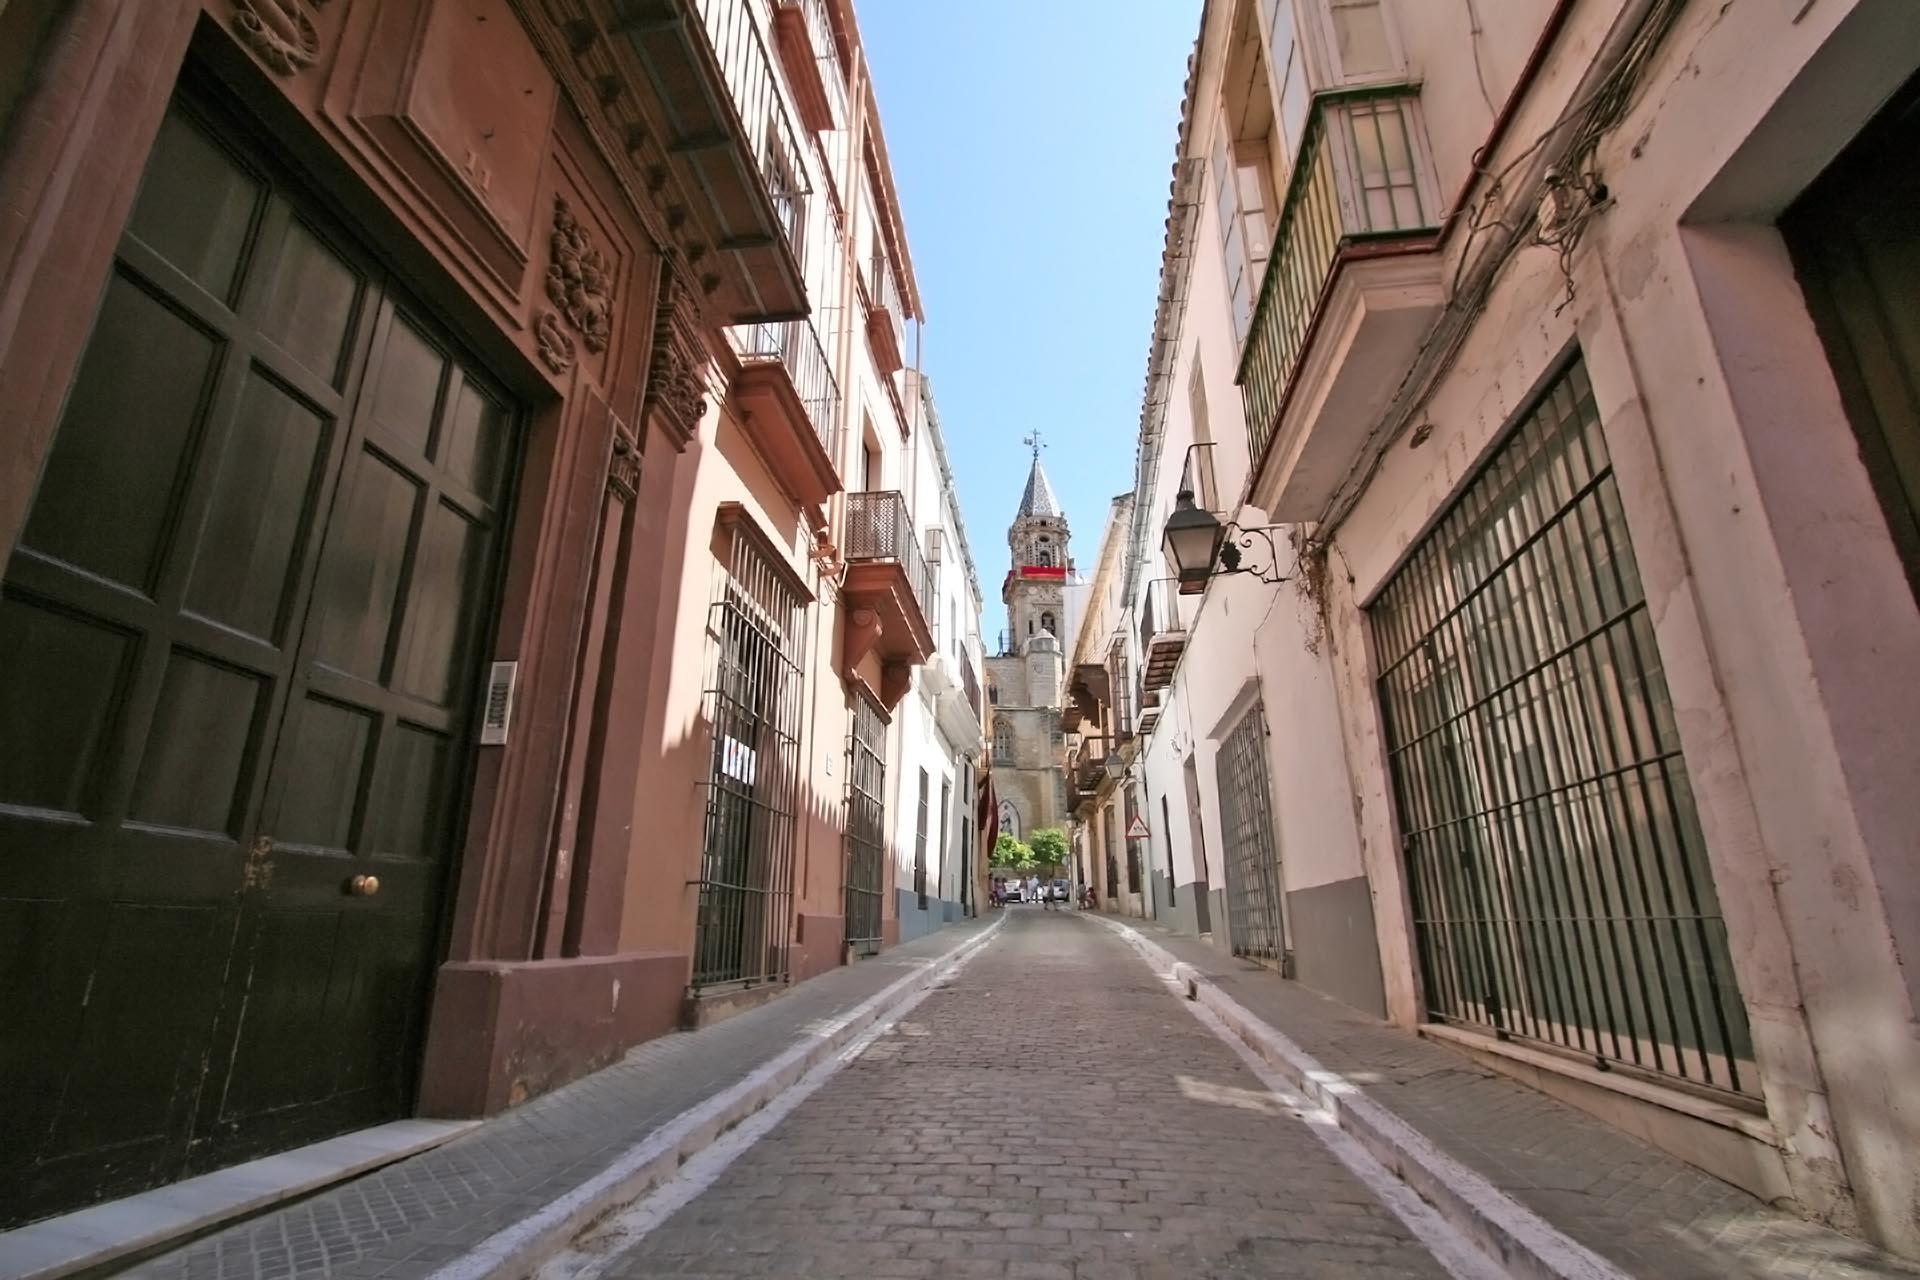 スペイン ヘレス・デ・ラ・フロンテーラの路地